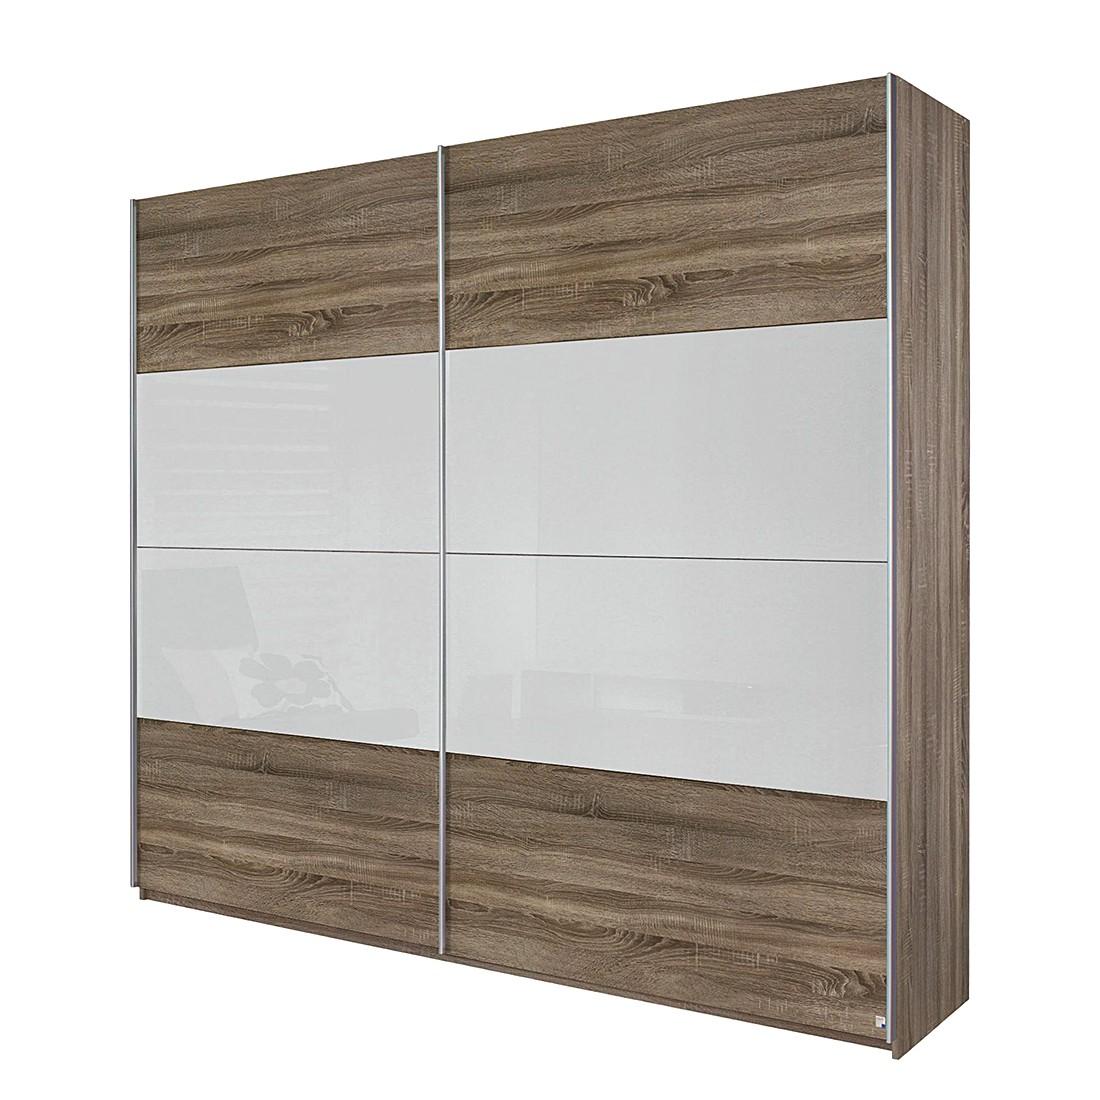 schwebet renschrank quadra eiche havanna glas wei breite x h he 181 x 210 cm rauch pack. Black Bedroom Furniture Sets. Home Design Ideas